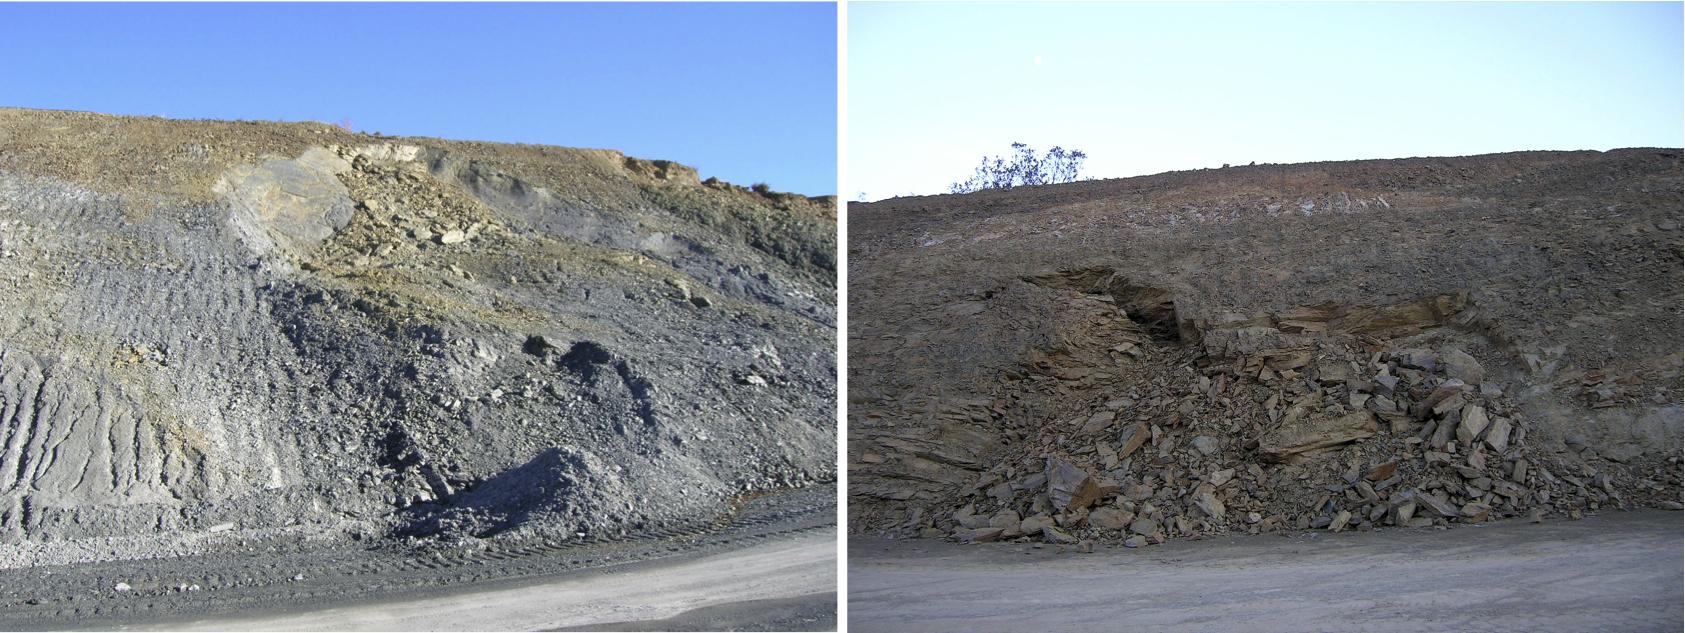 Hangrutsche in der Böschung der Autovía Mudéjar im impaktzertrümmerten Gestein